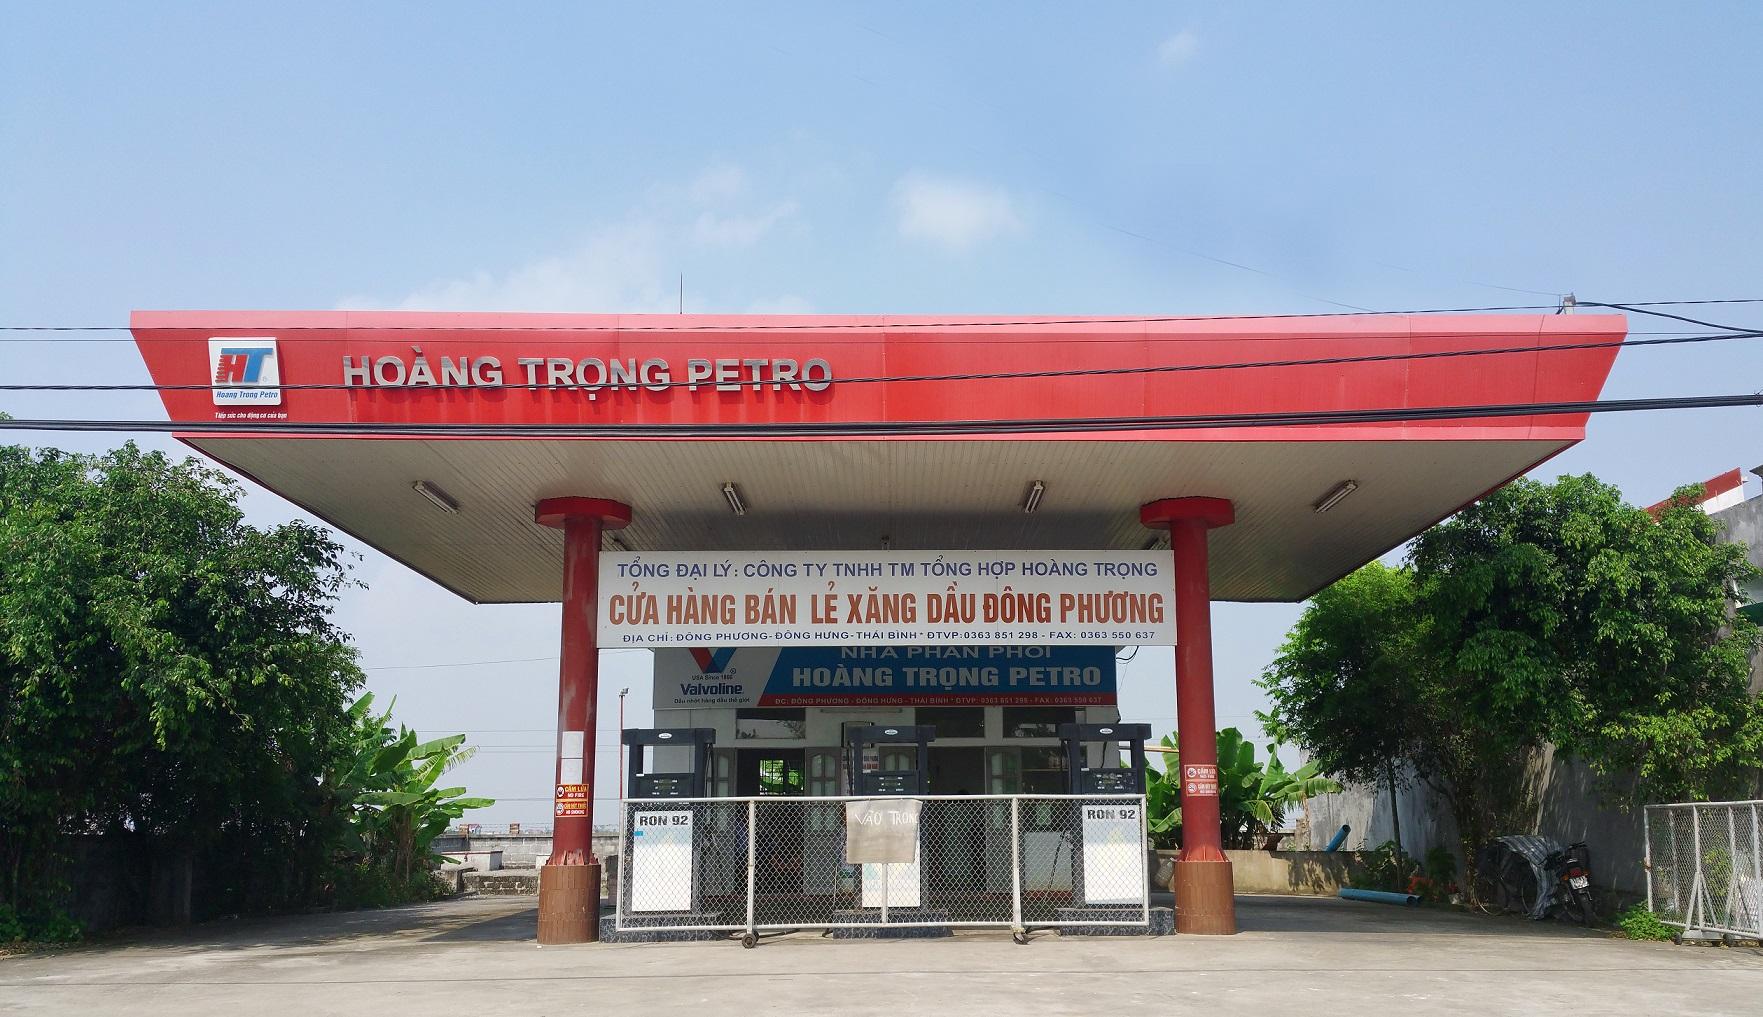 hoang-trong-dong-phuong-dong-hung-tb-1